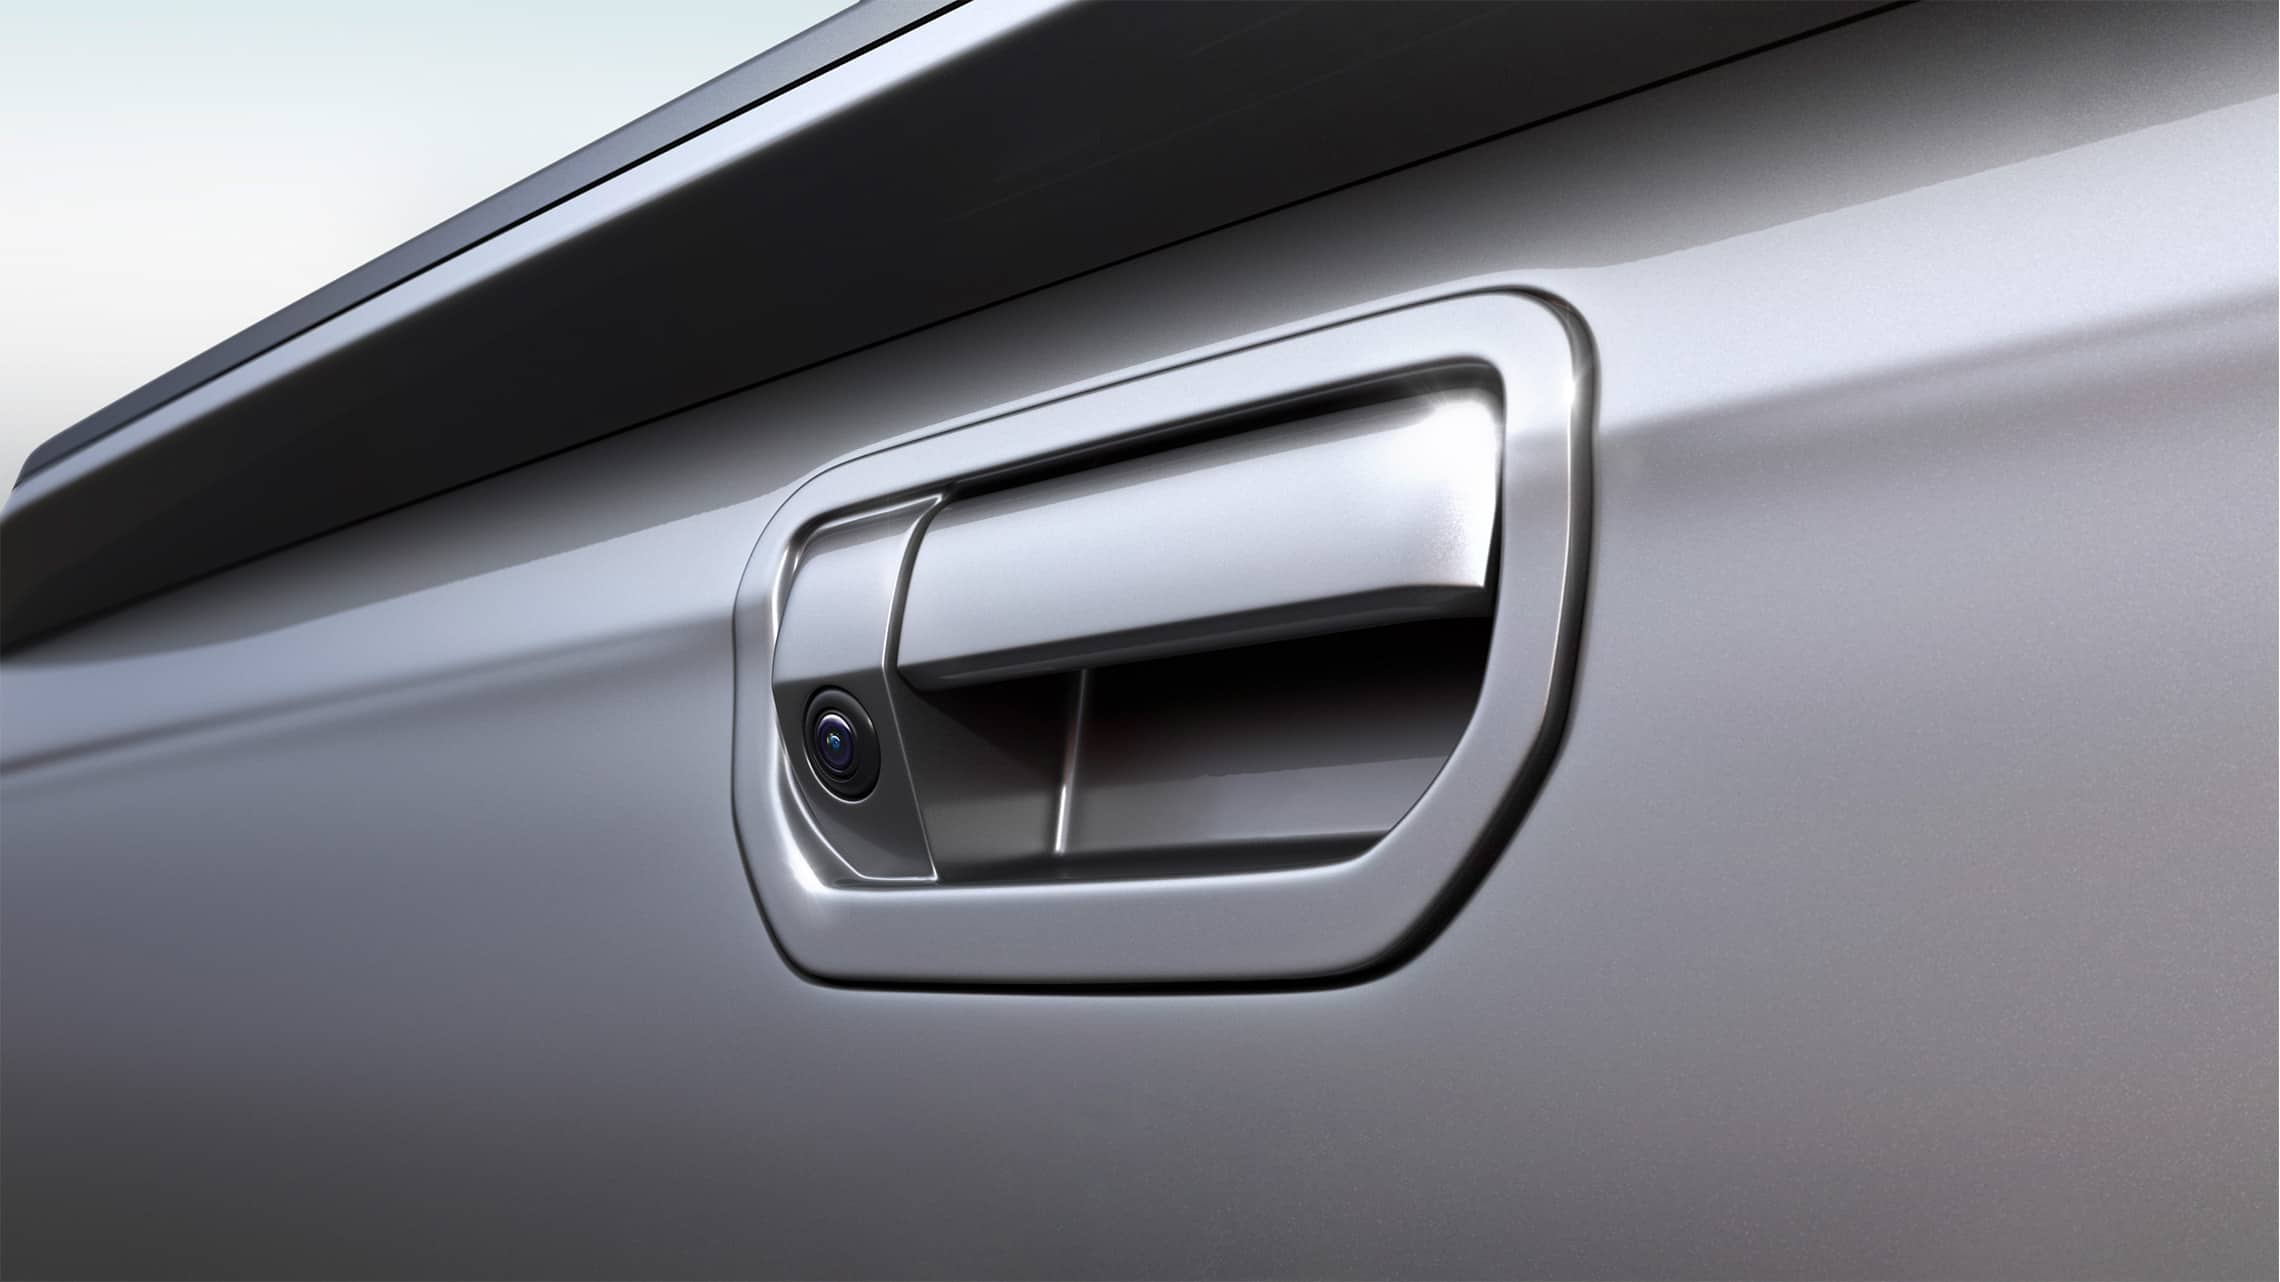 Detalle de la cámara de reversa multiángulo en la manija de la puerta trasera de la Honda Ridgeline2020 en Lunar Silver Metallic.